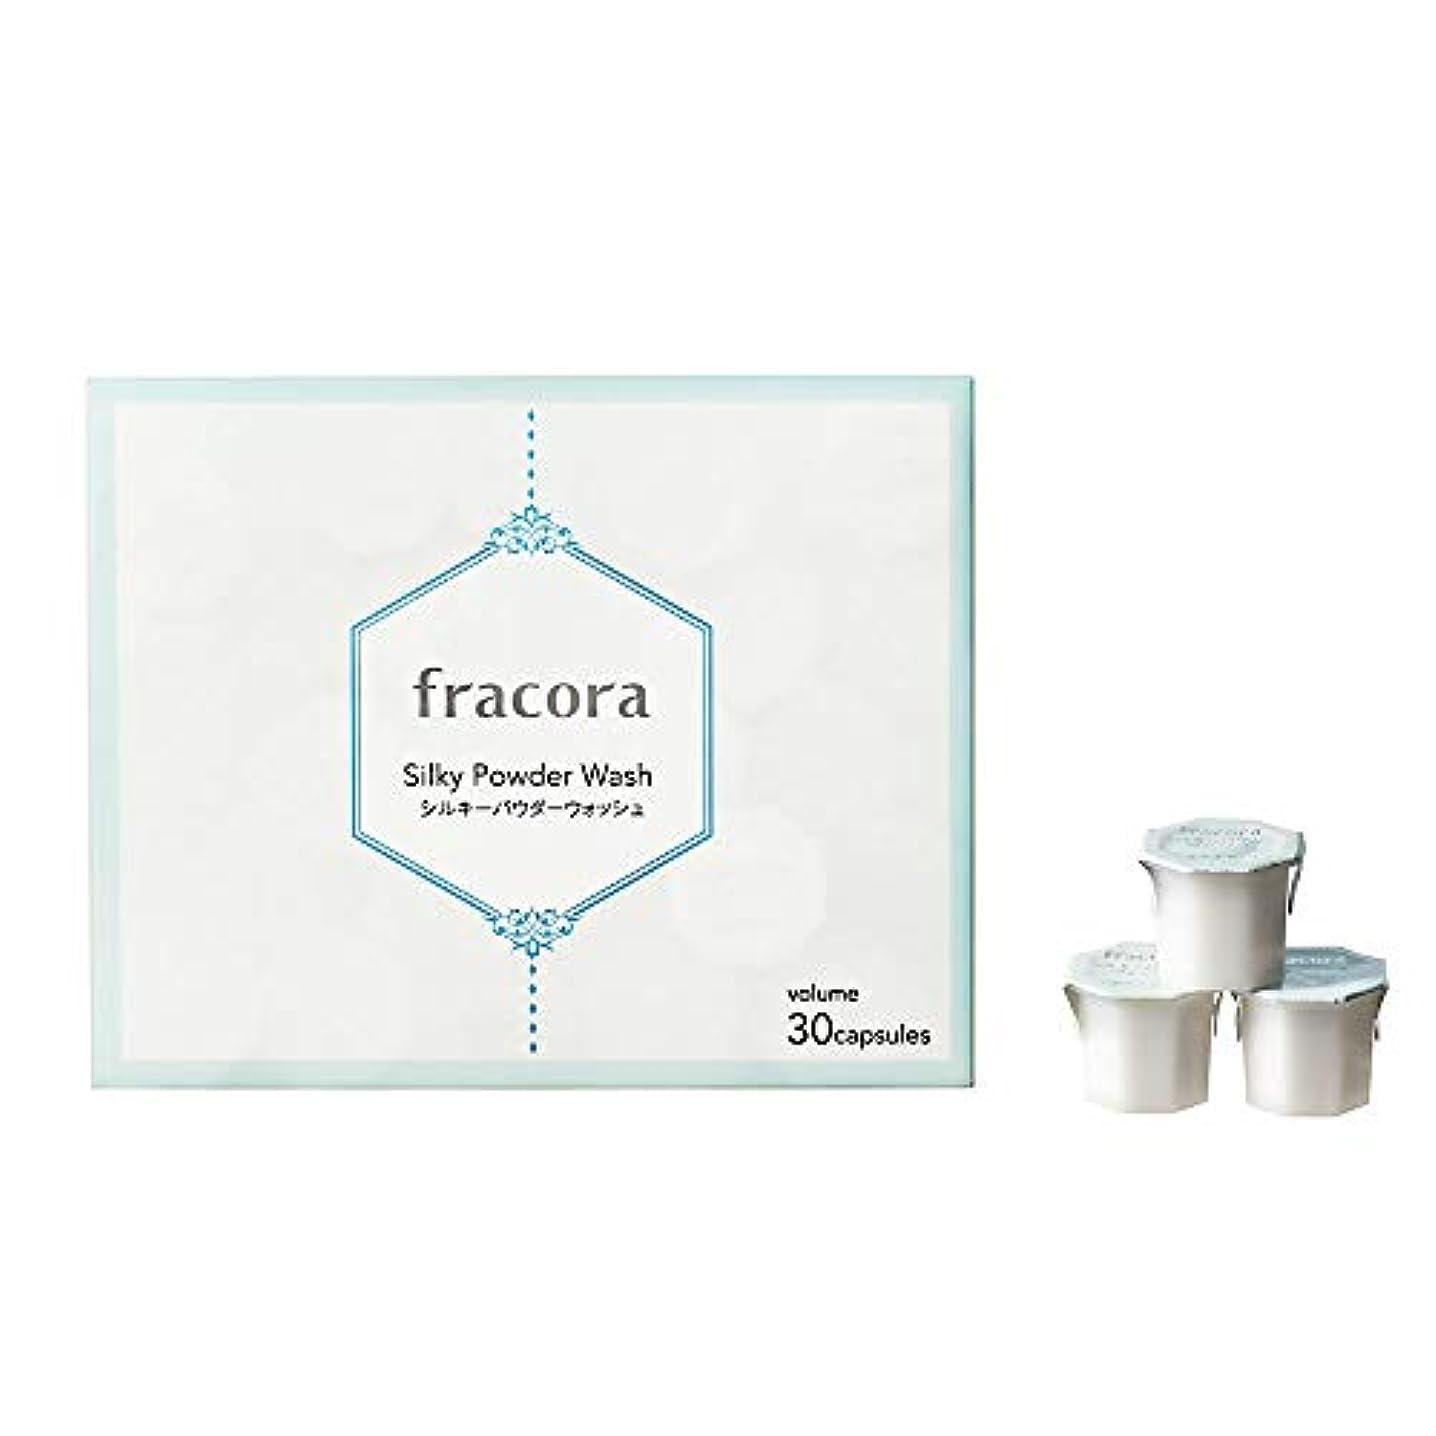 休戦嫌がる生きているfracora(フラコラ) 酵素洗顔 シルキーパウダーウォッシュ 30カプセル入